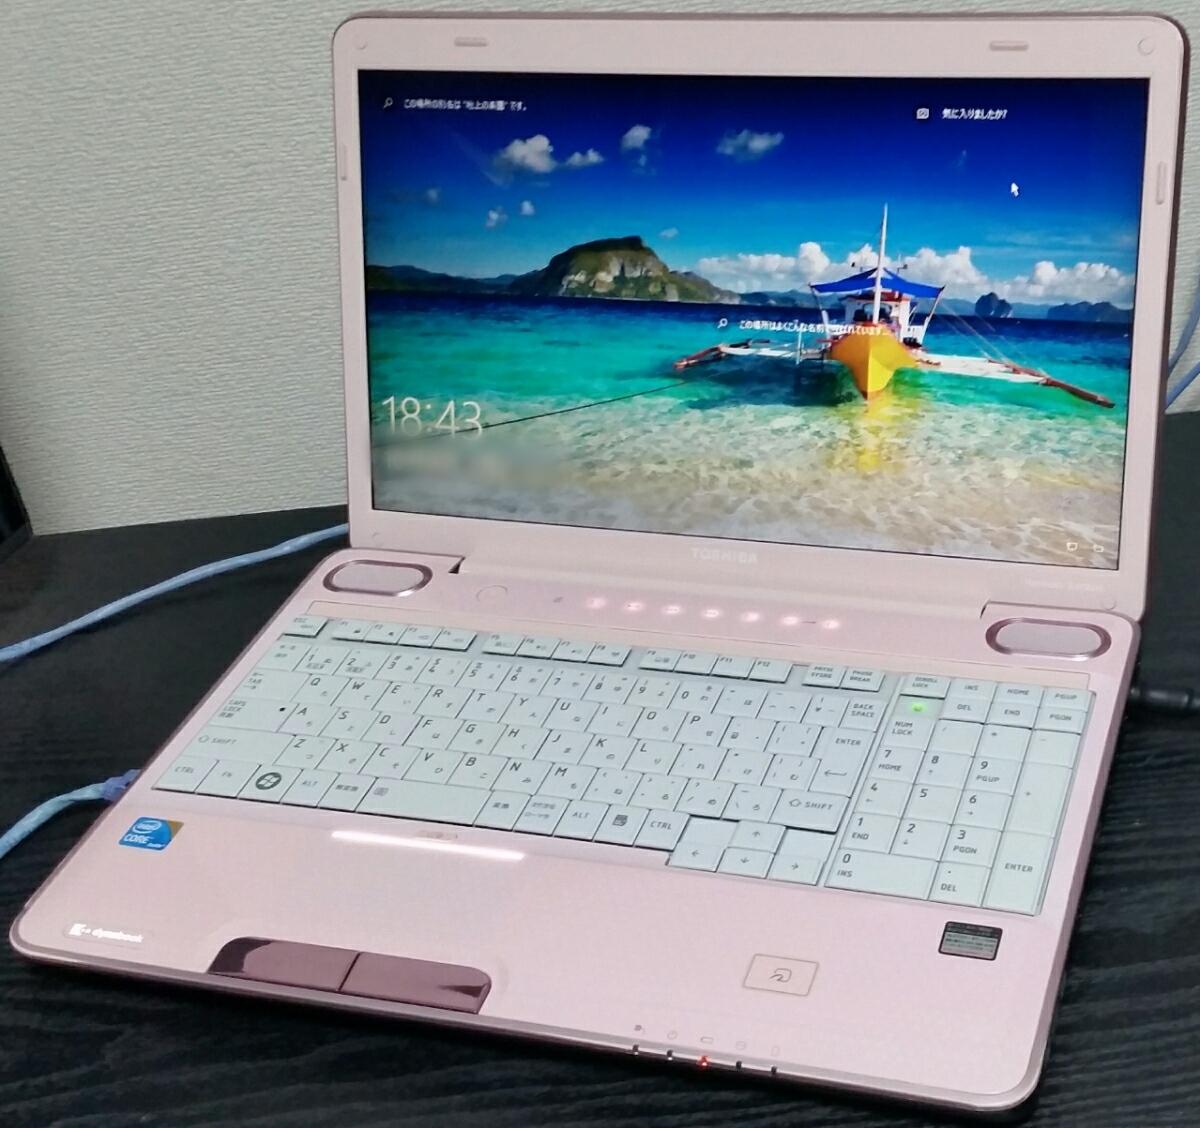 16型美☆超速★大容量SSHD新品1000G(SSD内蔵) dynabook Win10 Office Blu-ray AC付 4GB 高音質harman/kardonスピーカー 稀少ピンク♪送無★